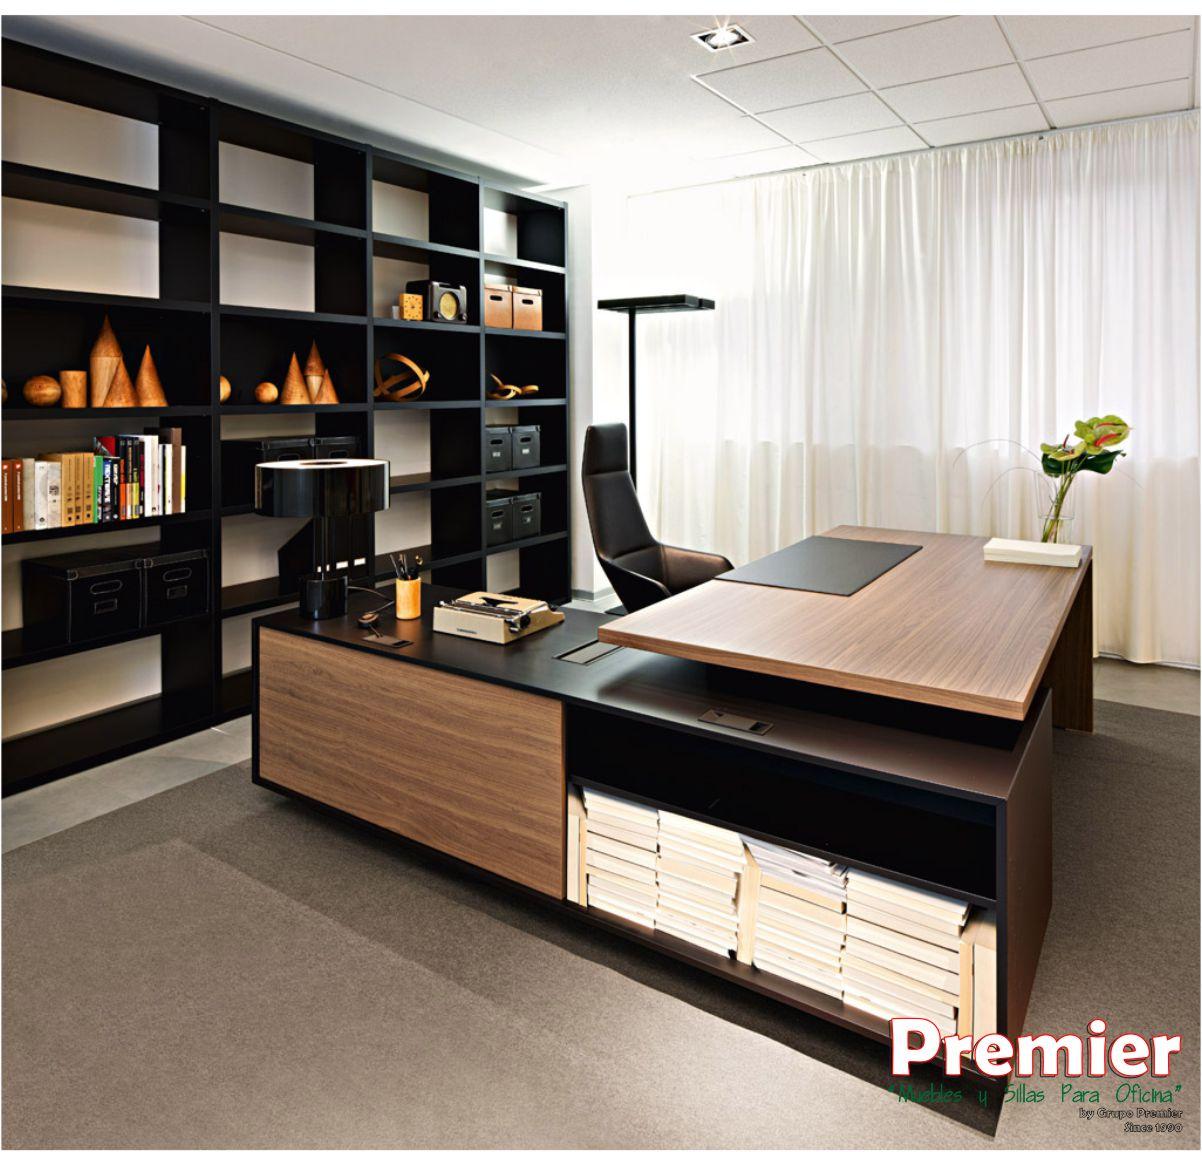 Oficina ejecutiva luxo for Muebles y sillas para oficina